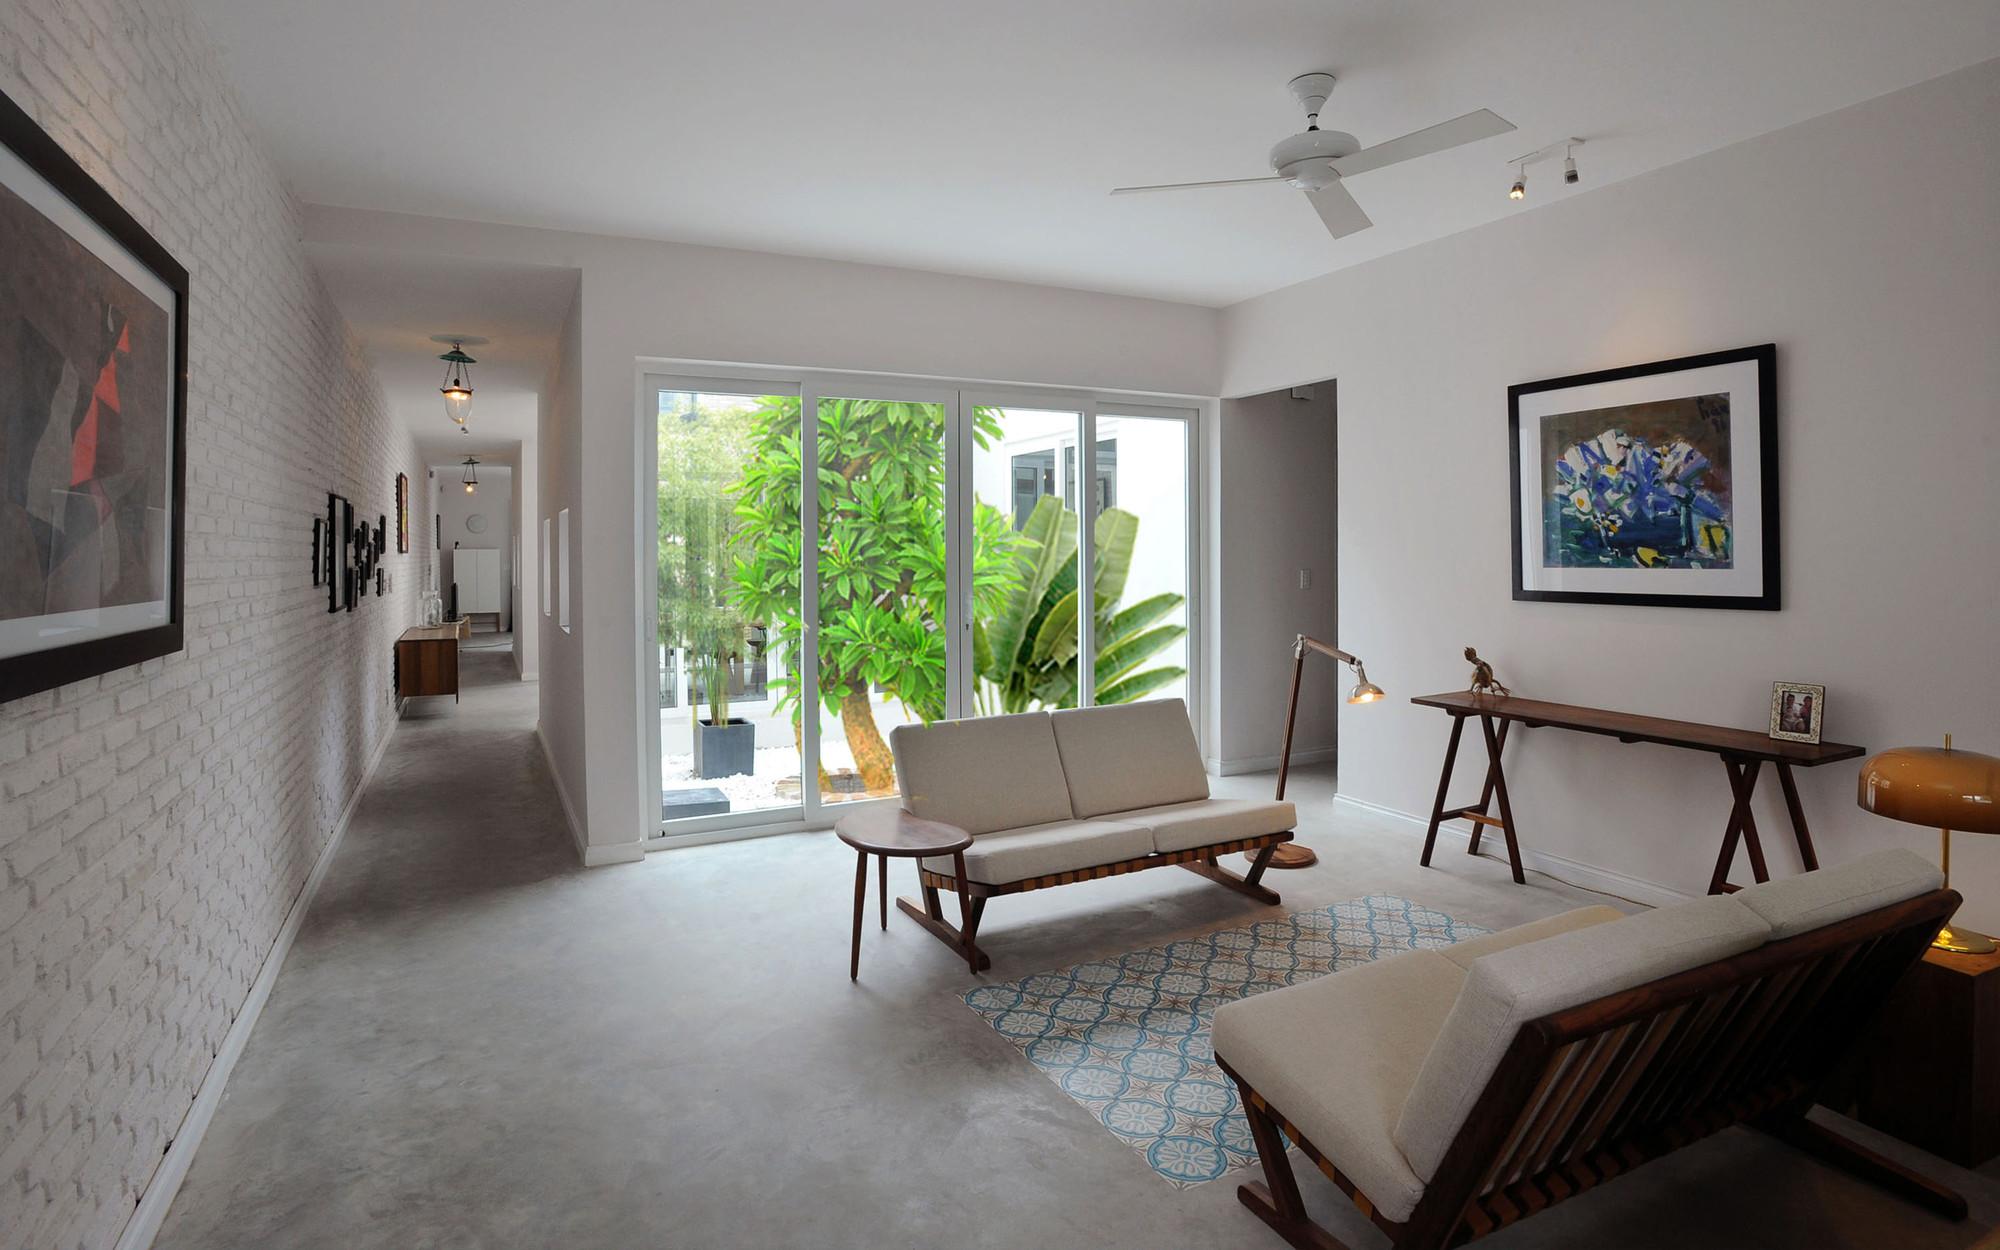 Nhadepvietnam ModernTubeHouse 3 - Modern Tube House - Nhà ống hiện đại với nhiều khoảng xanh phá cách